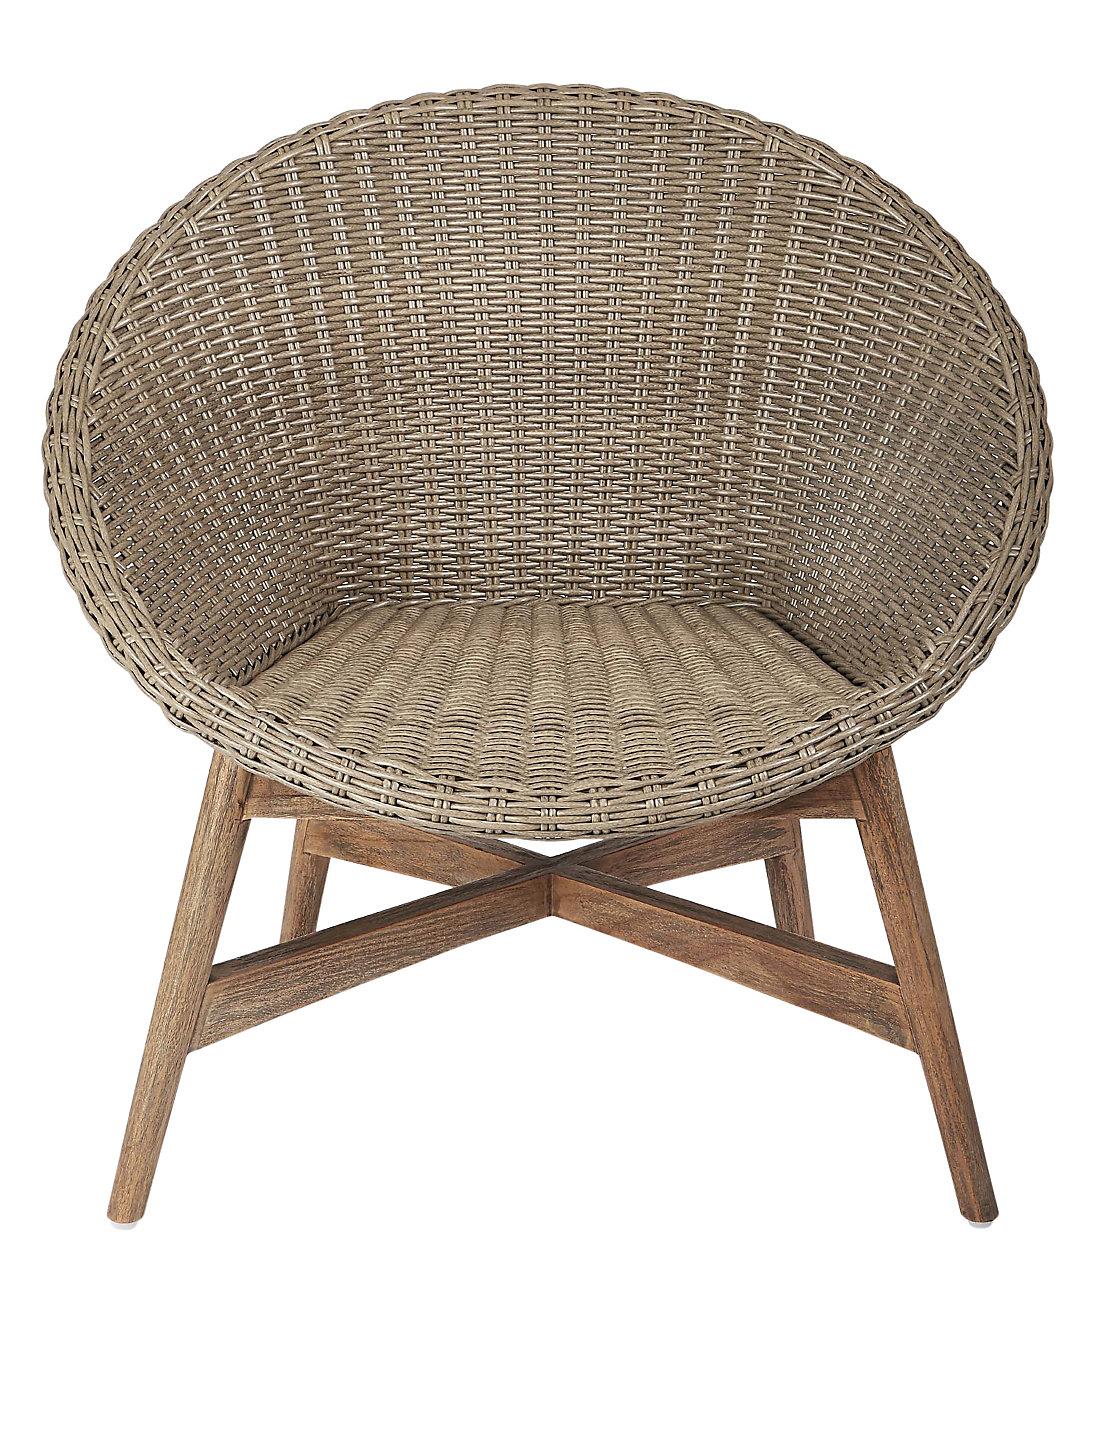 express capri chair - Garden Furniture Offers